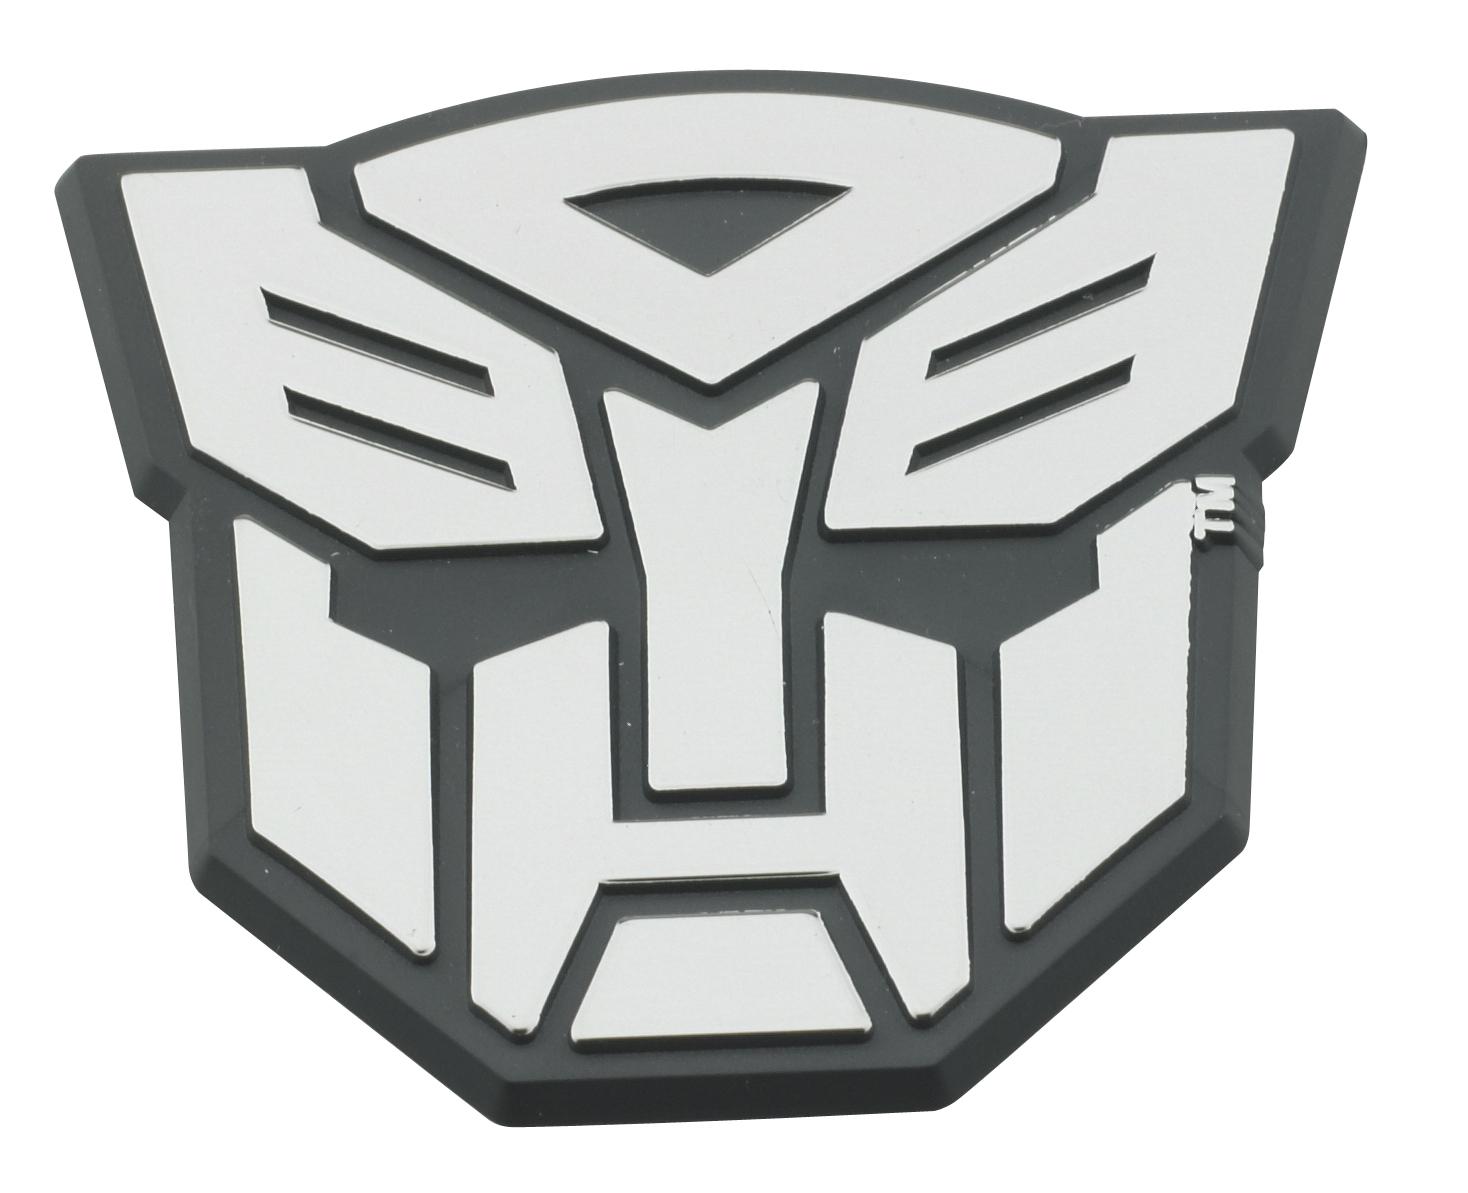 Autobot Emblem Wallpaper